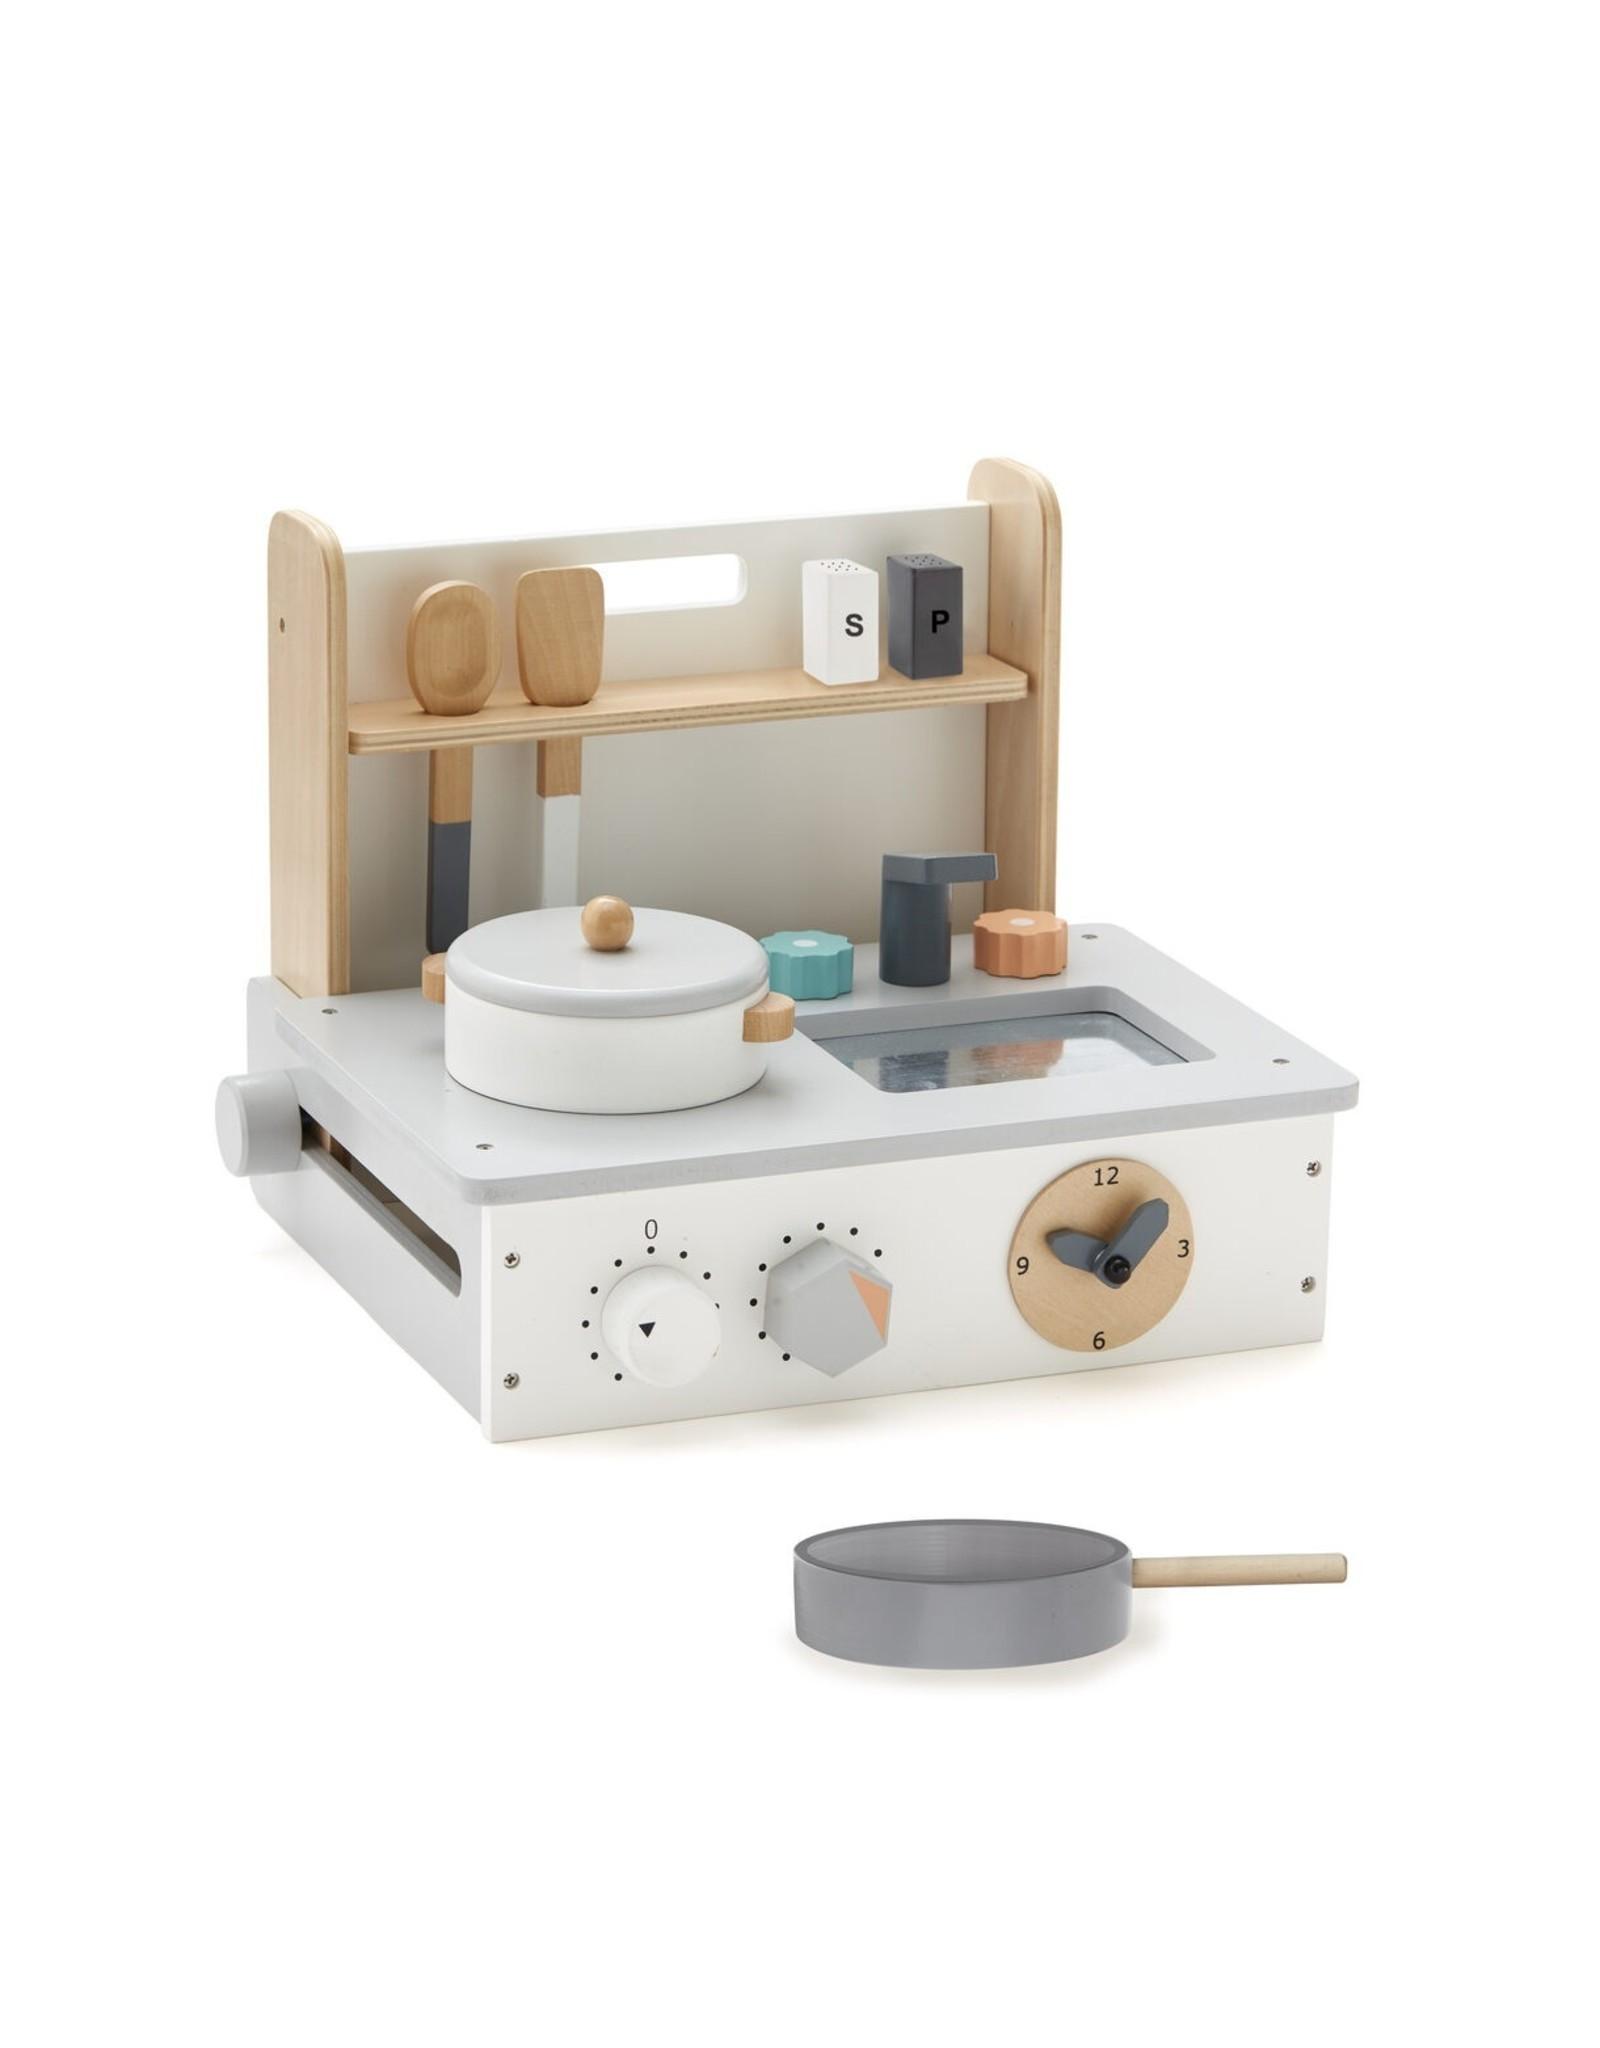 Kids Concept KC - Draagbaar keukentje